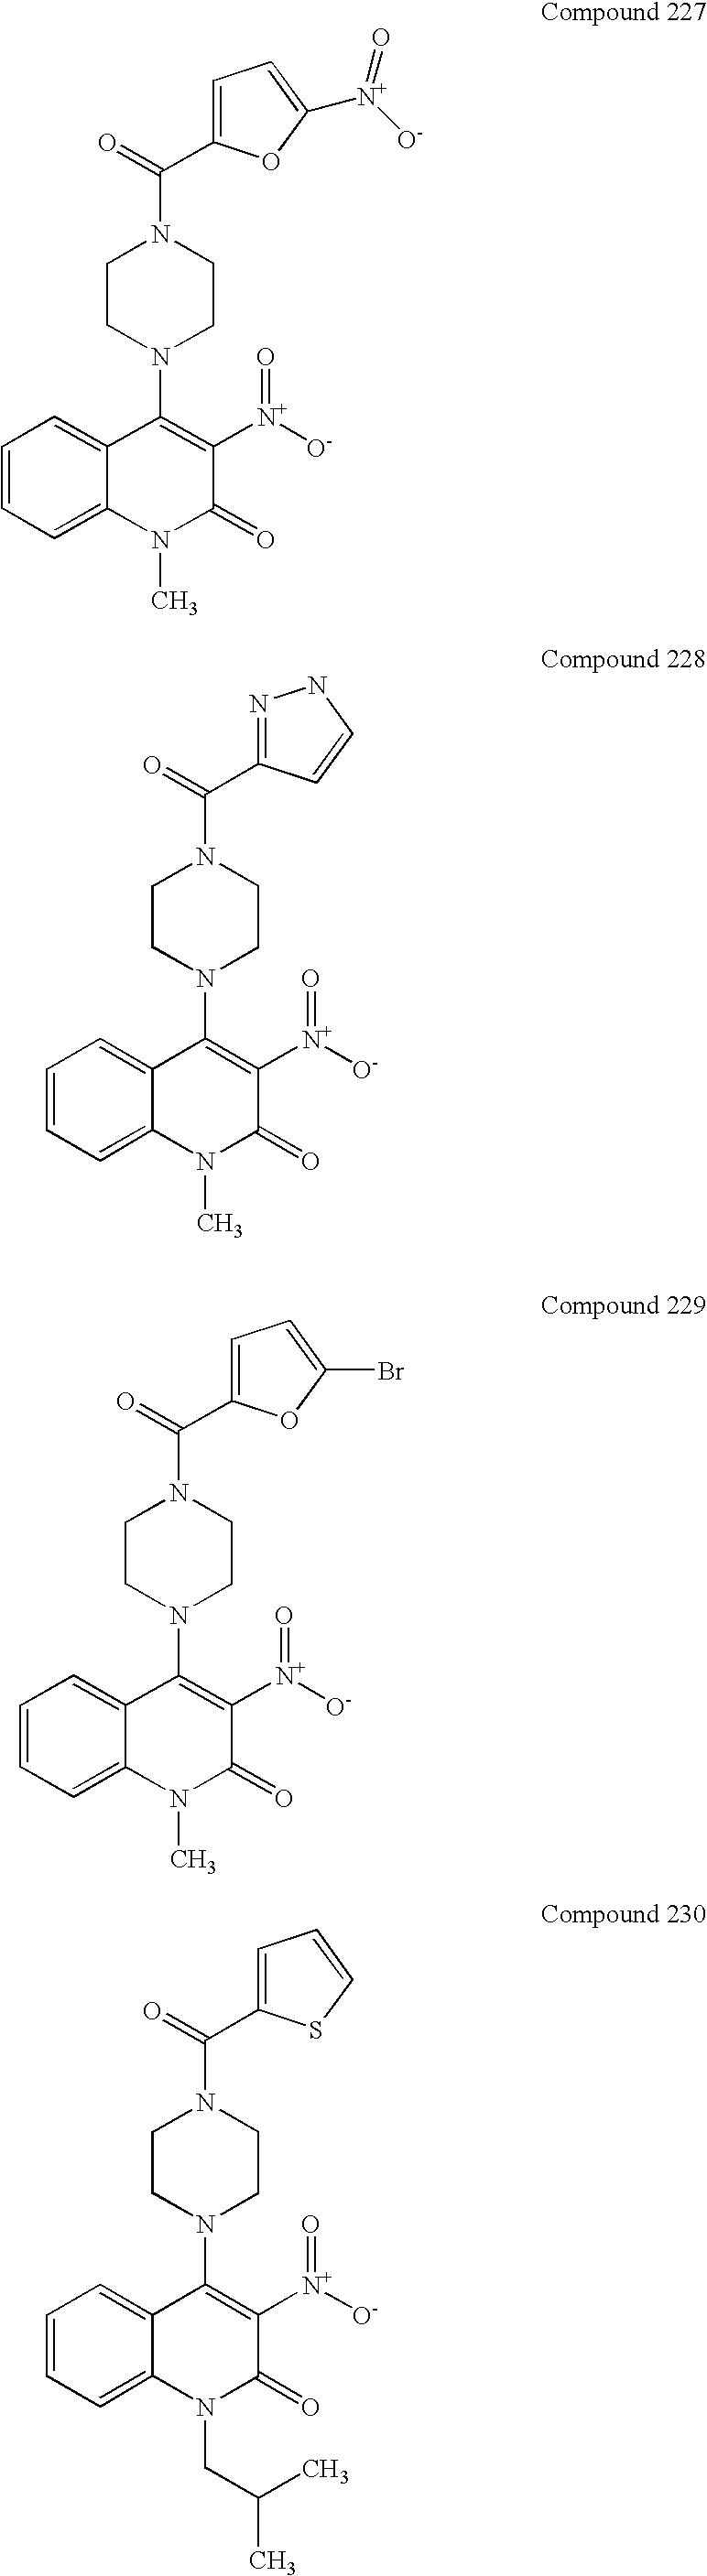 Figure US07230106-20070612-C00124